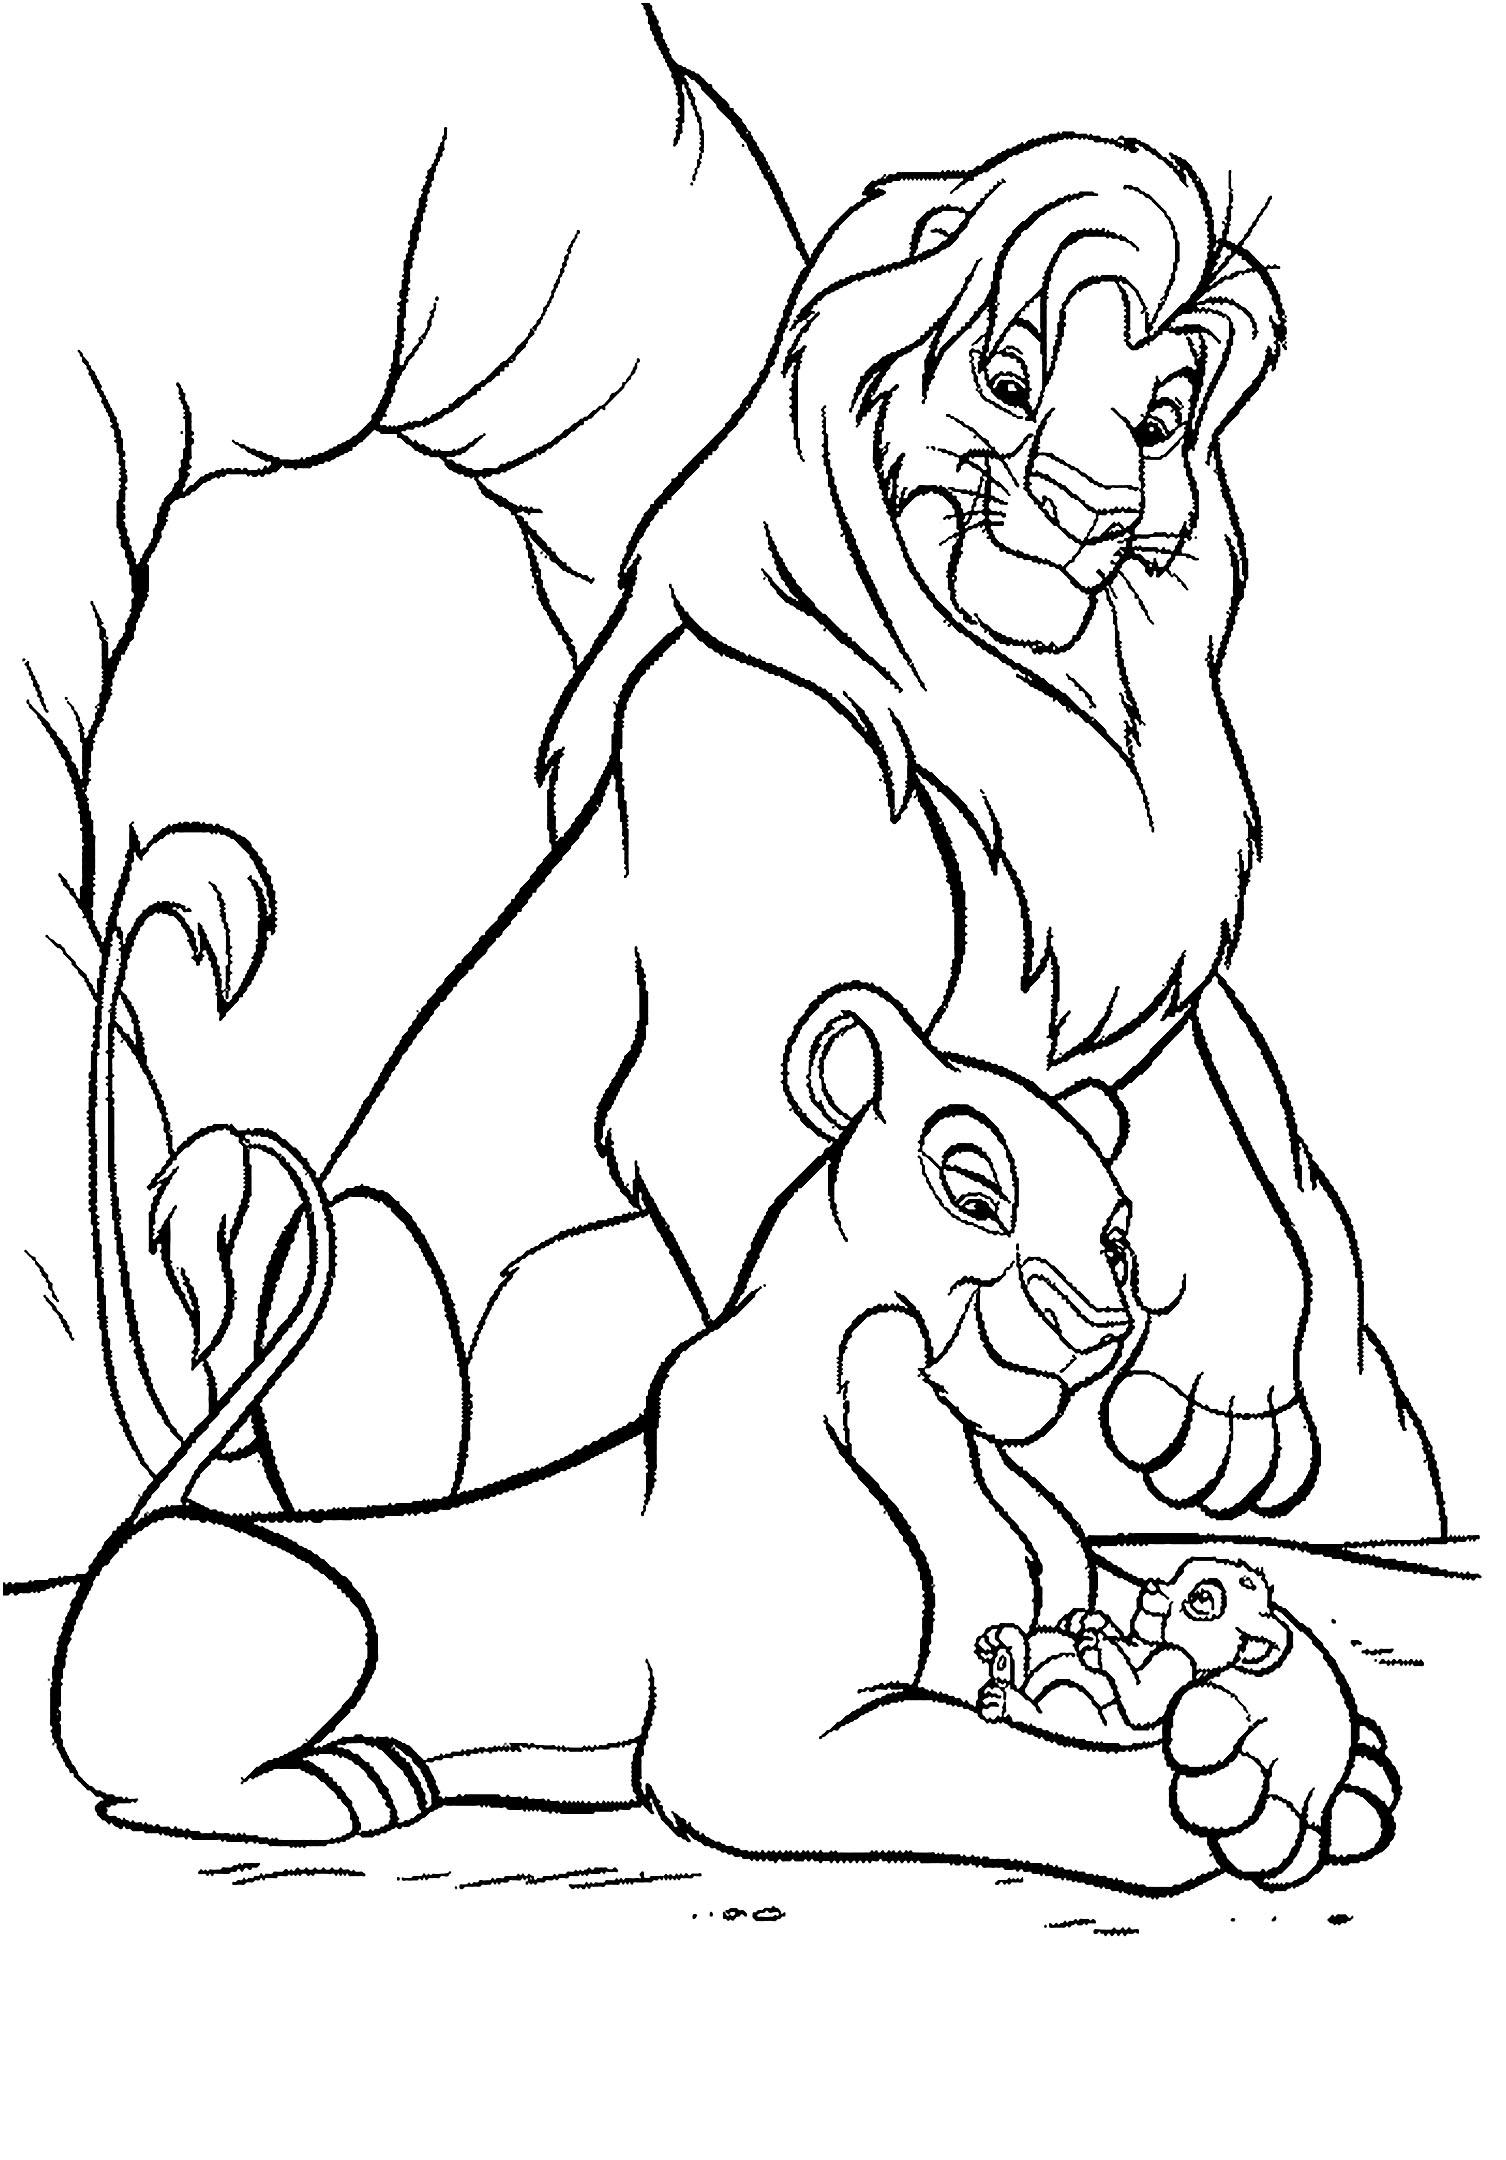 Mufasa Nala And Their Son Simba